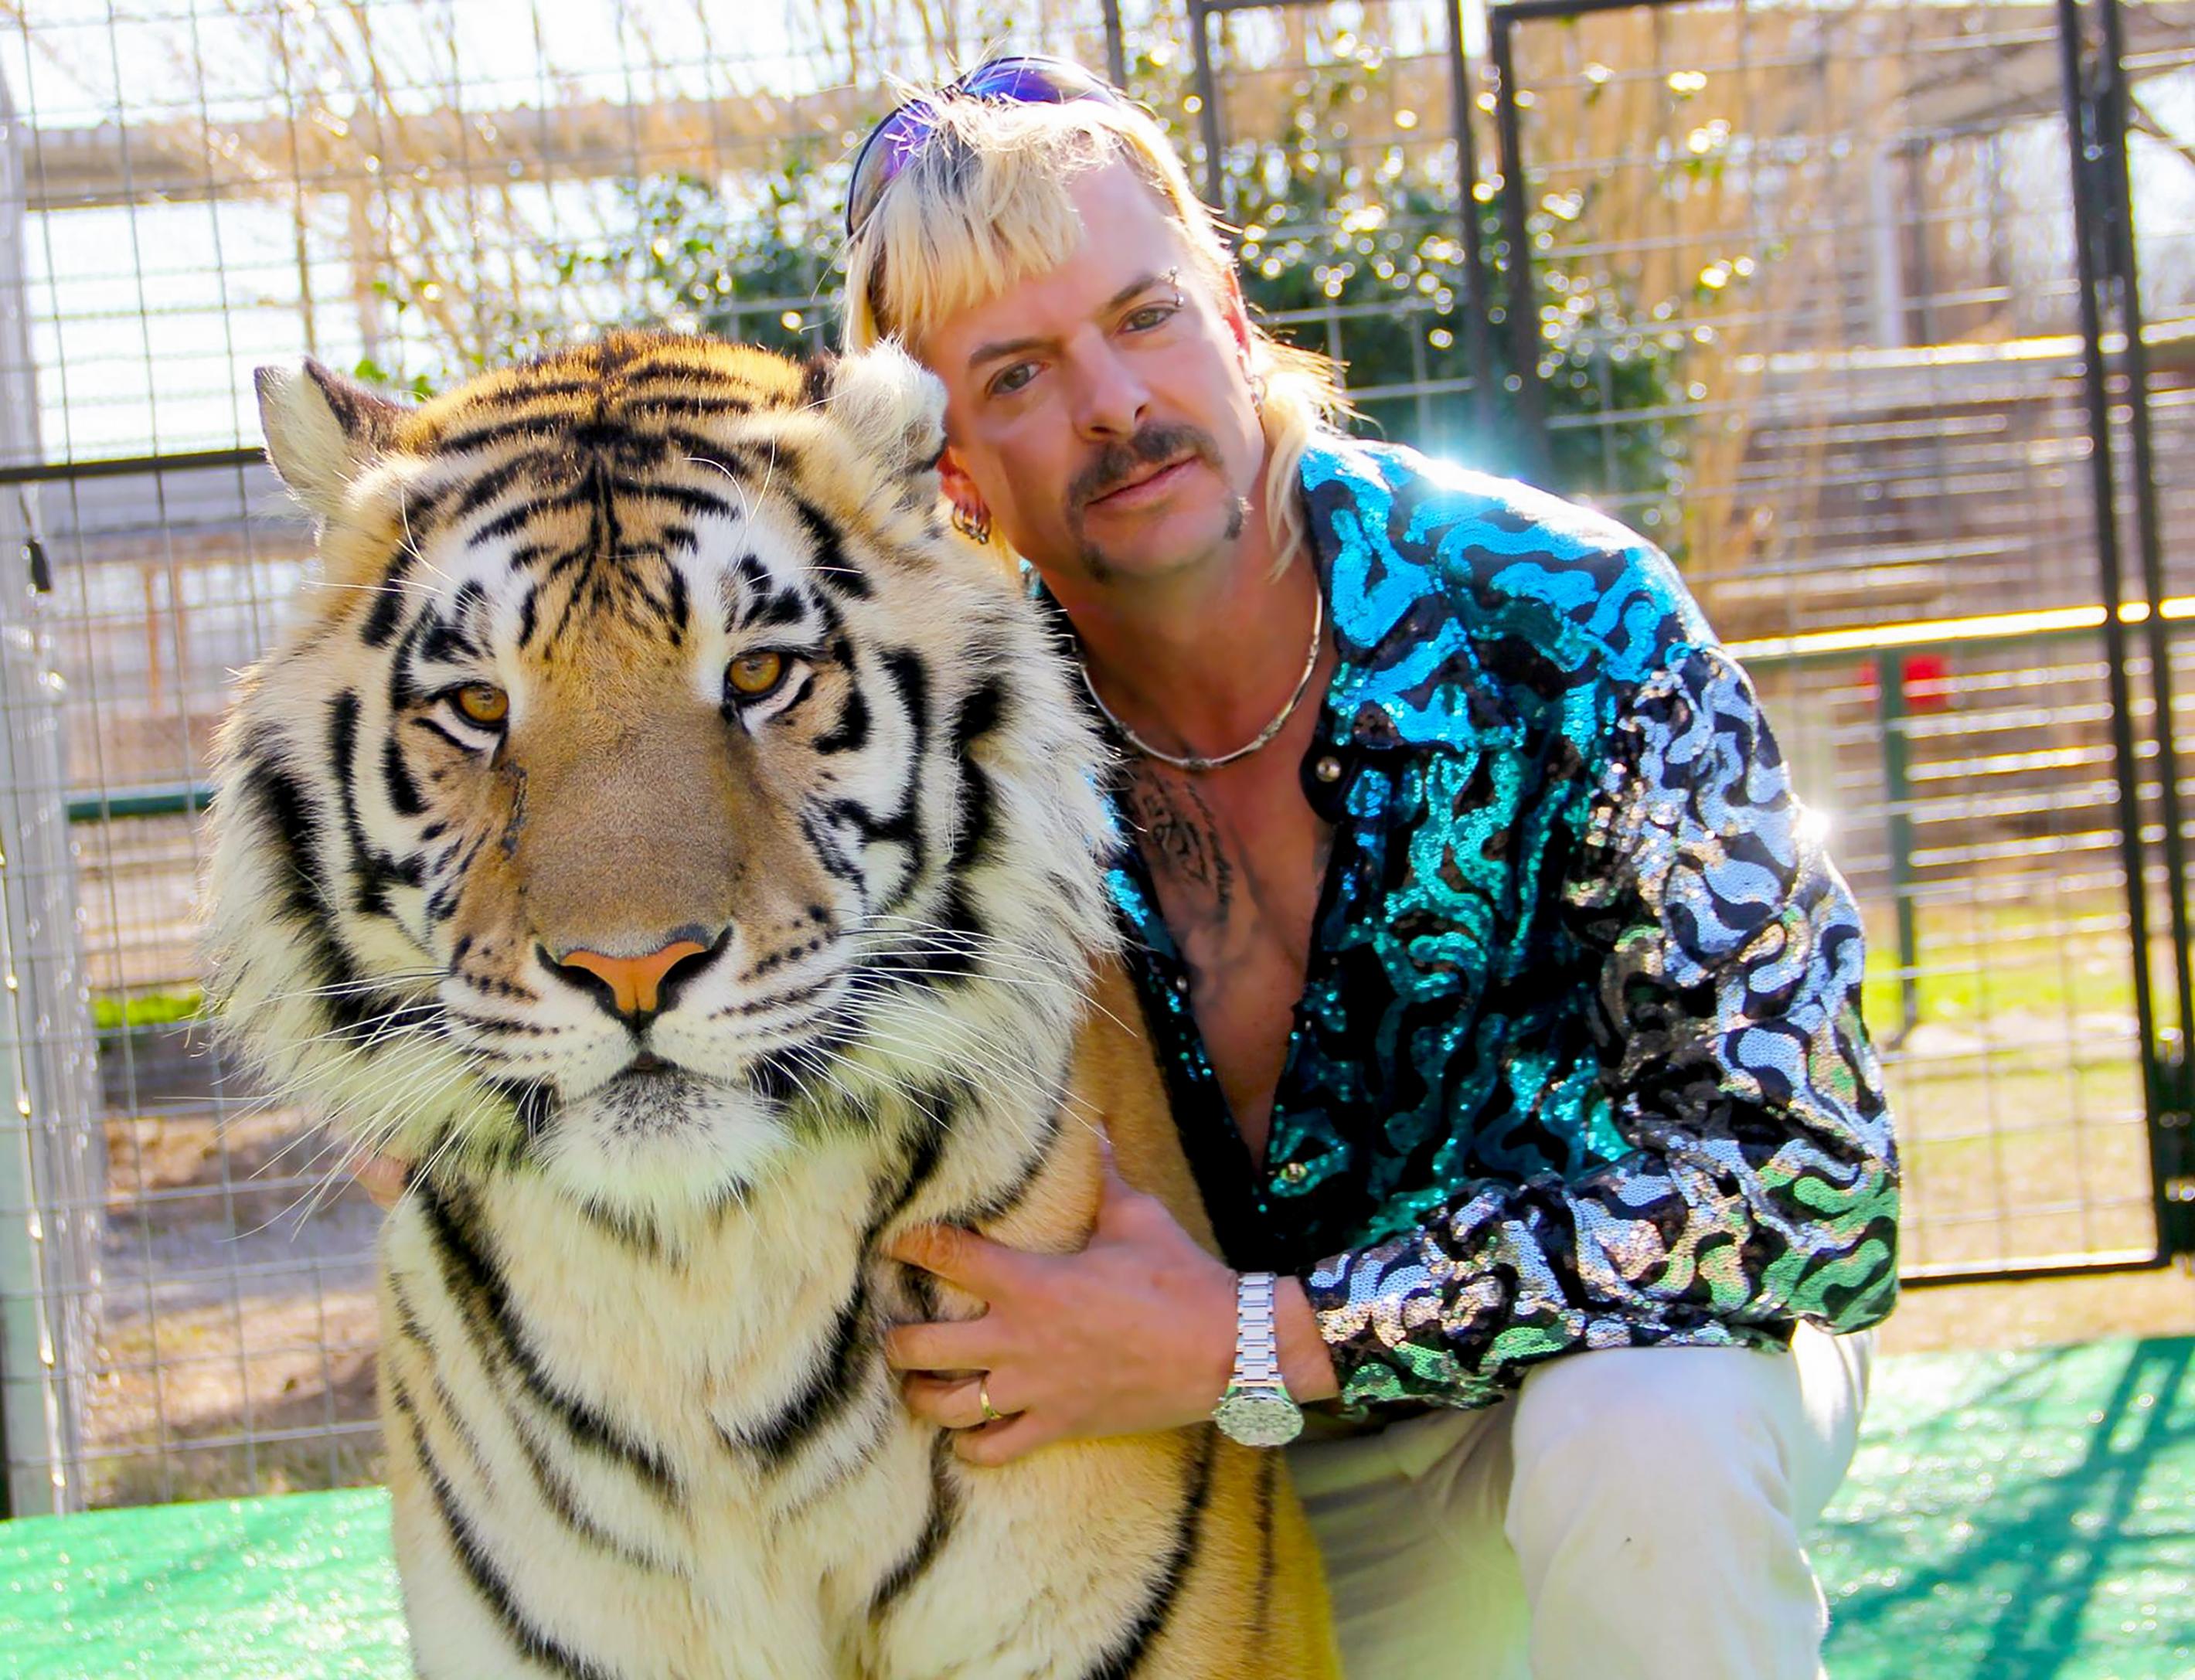 Élete ellenségéhez kerül az elítélt amerikai tigriskirály állatkertje